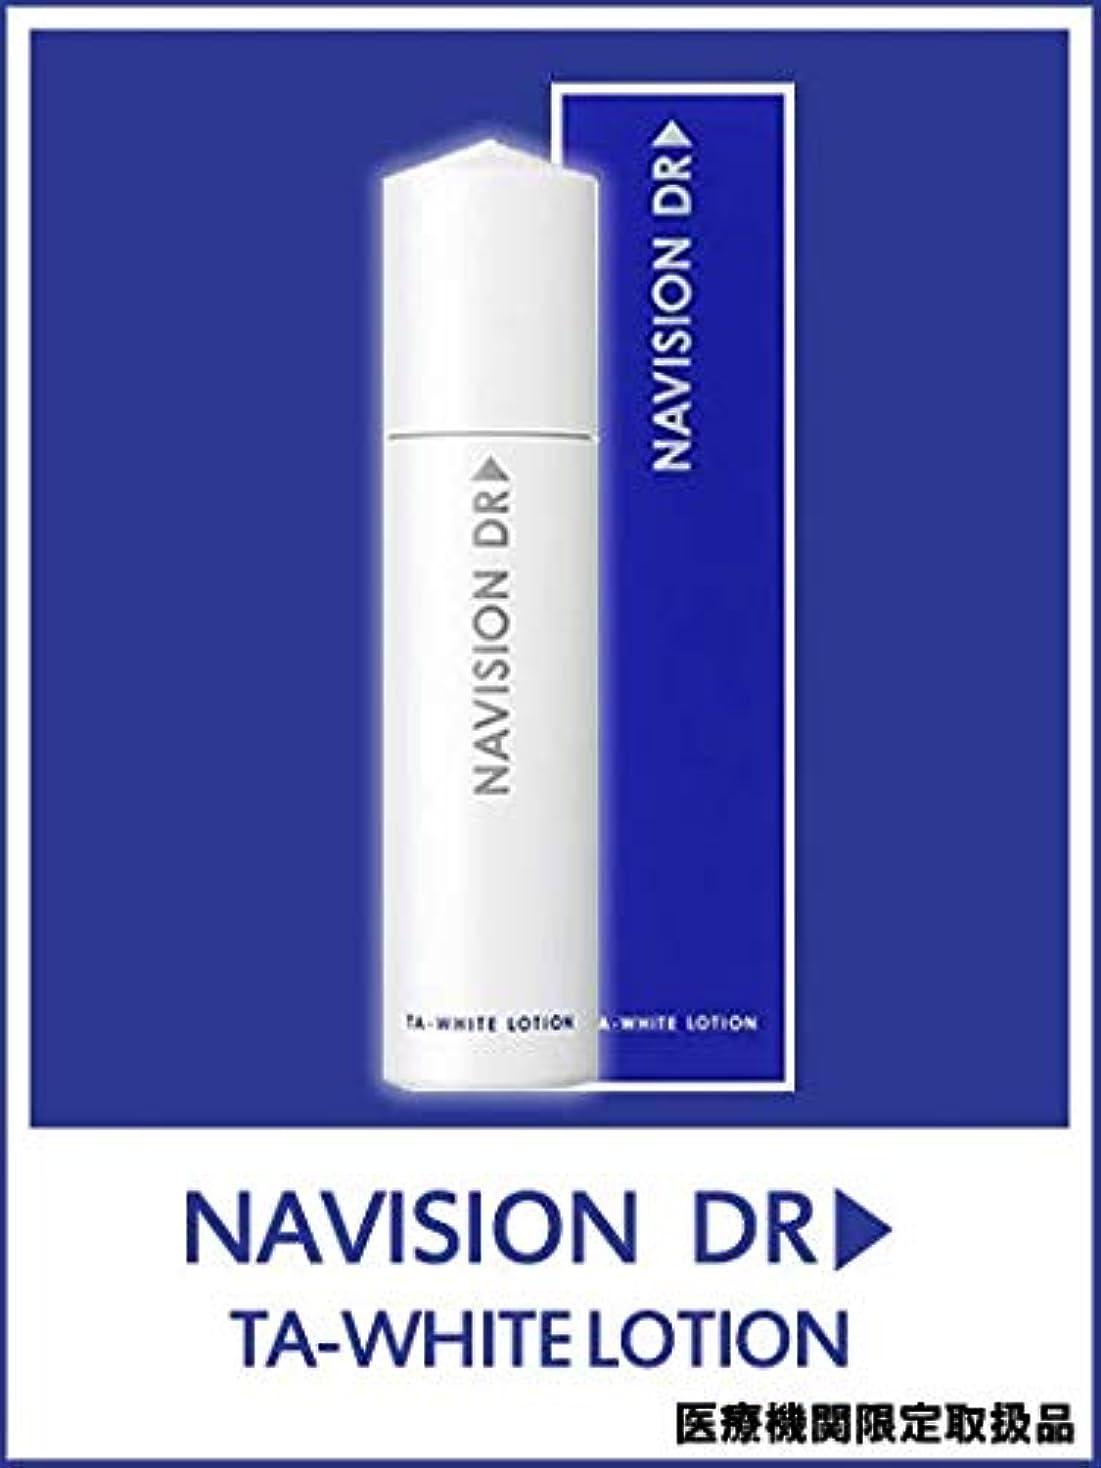 道を作る化学薬品代替NAVISION DR? ナビジョンDR TAホワイトローションn(医薬部外品) 150mL